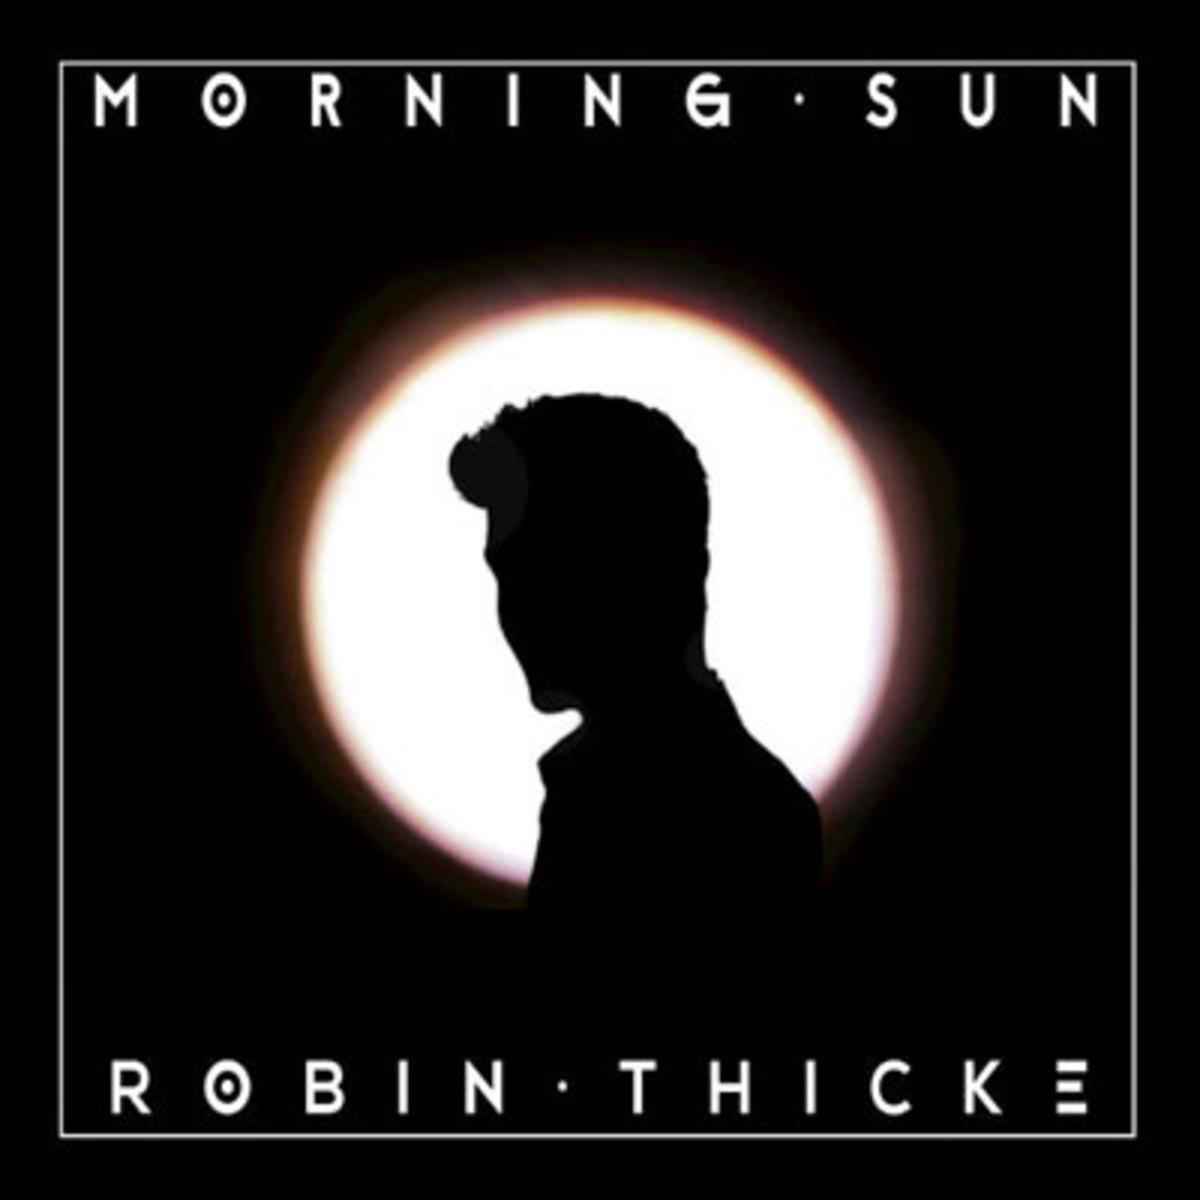 robin-thicke-morning-sun.jpg